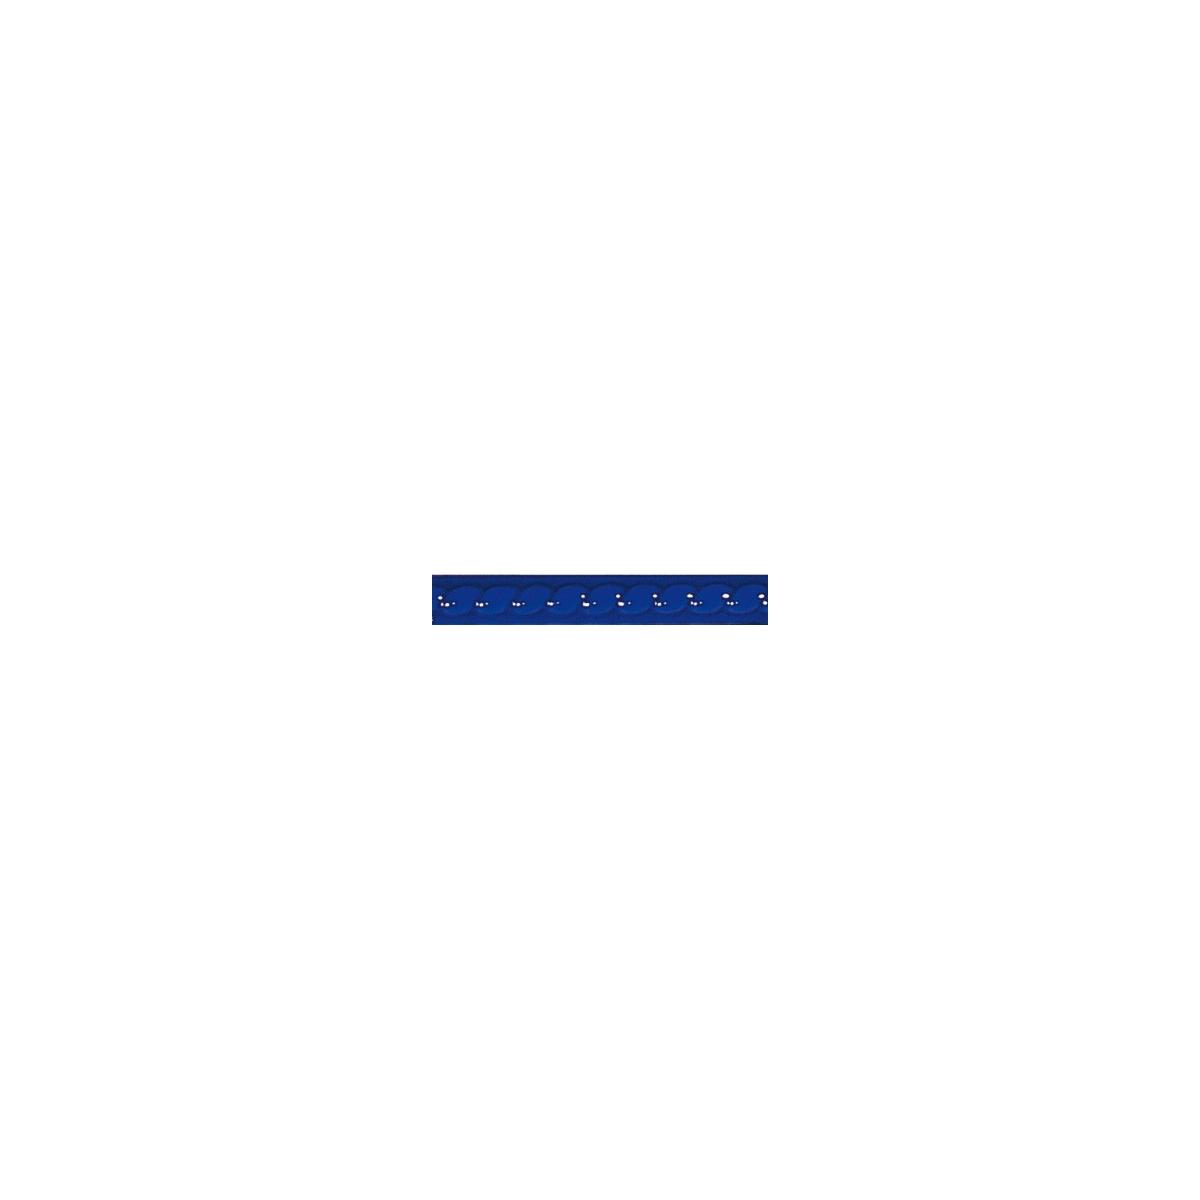 Cordón cobalto - Serie Altea Cobalto - Marca Mainzu